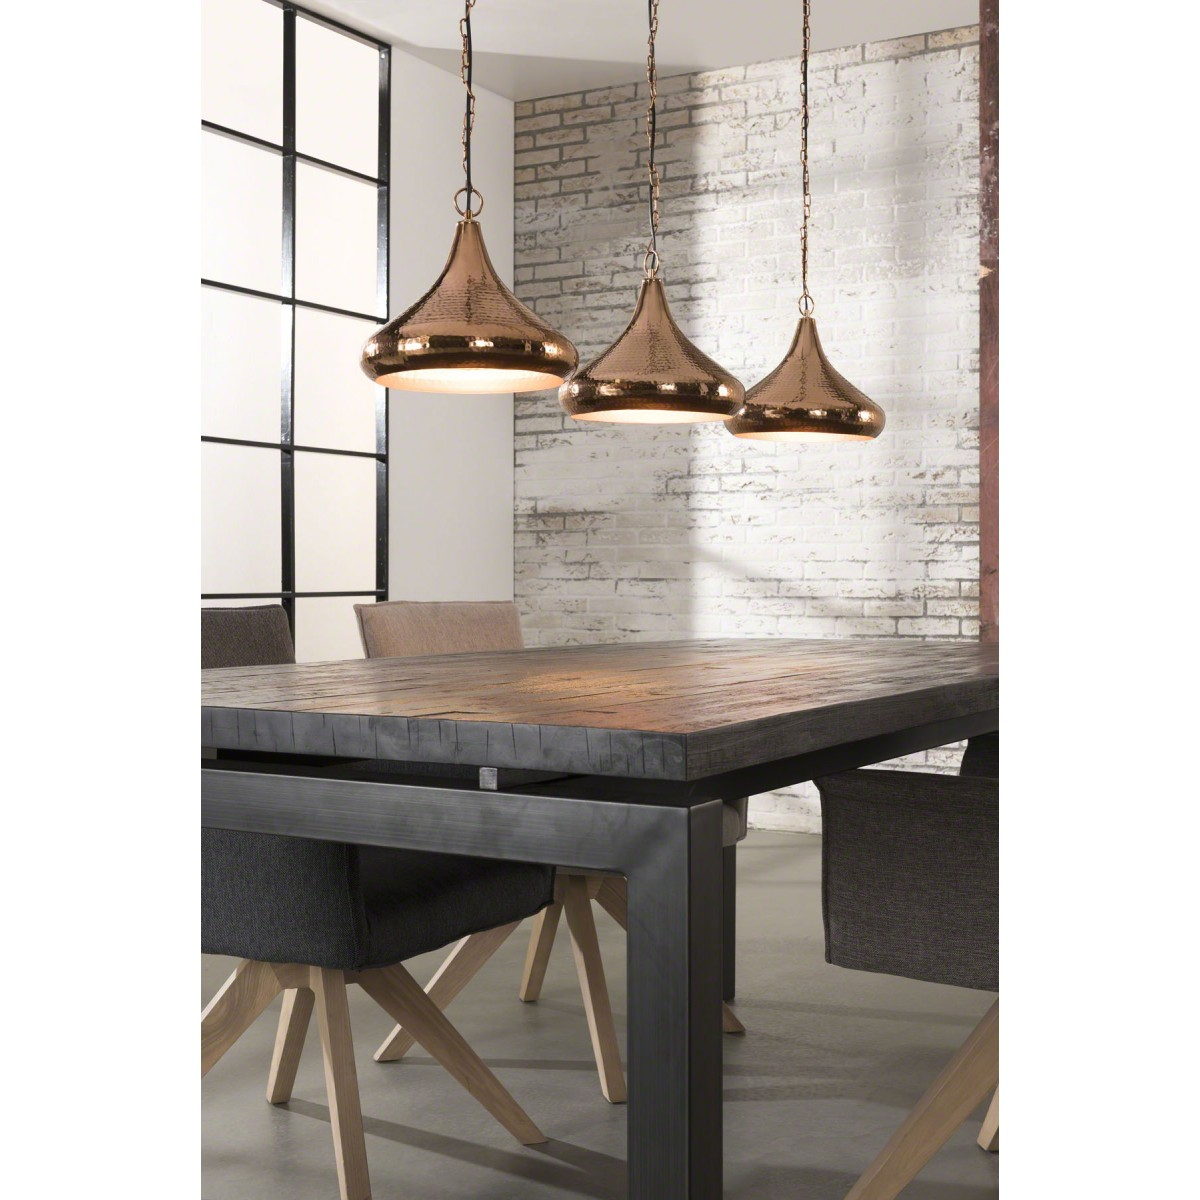 pendelleuchte kupfer metall h ngelampe metall geh mmert kupfer durchmesser 30 cm. Black Bedroom Furniture Sets. Home Design Ideas